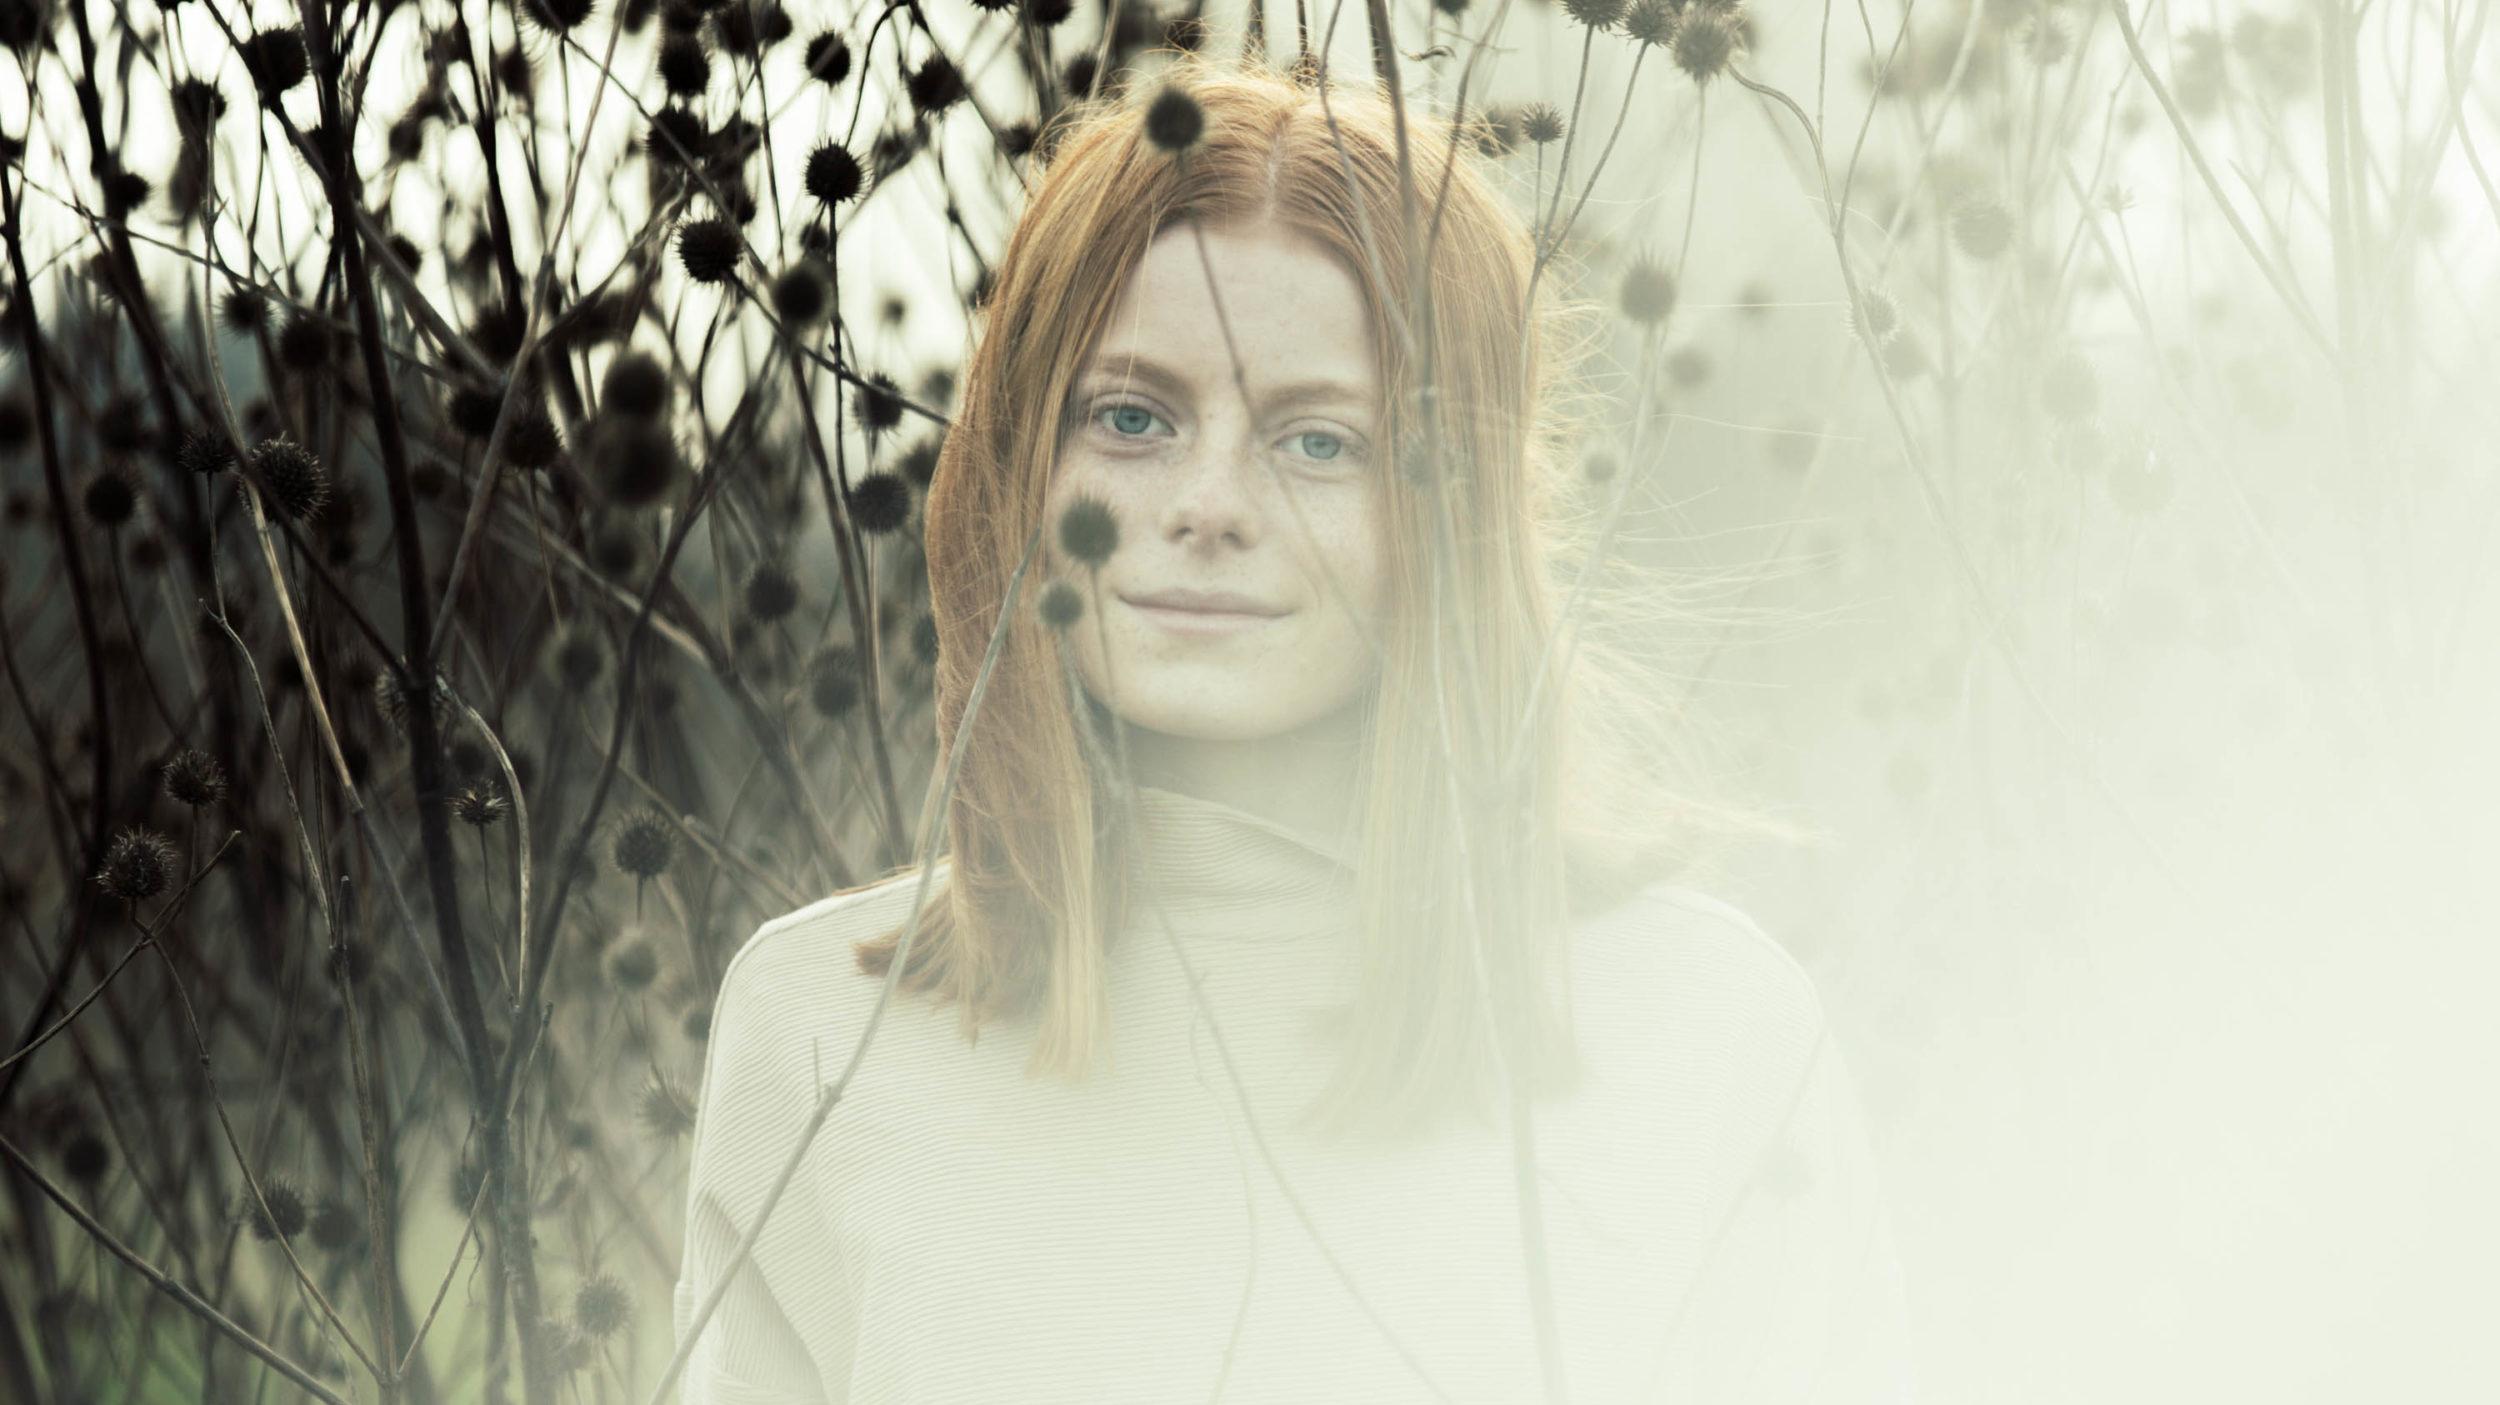 Karin Viktoria Fotografi